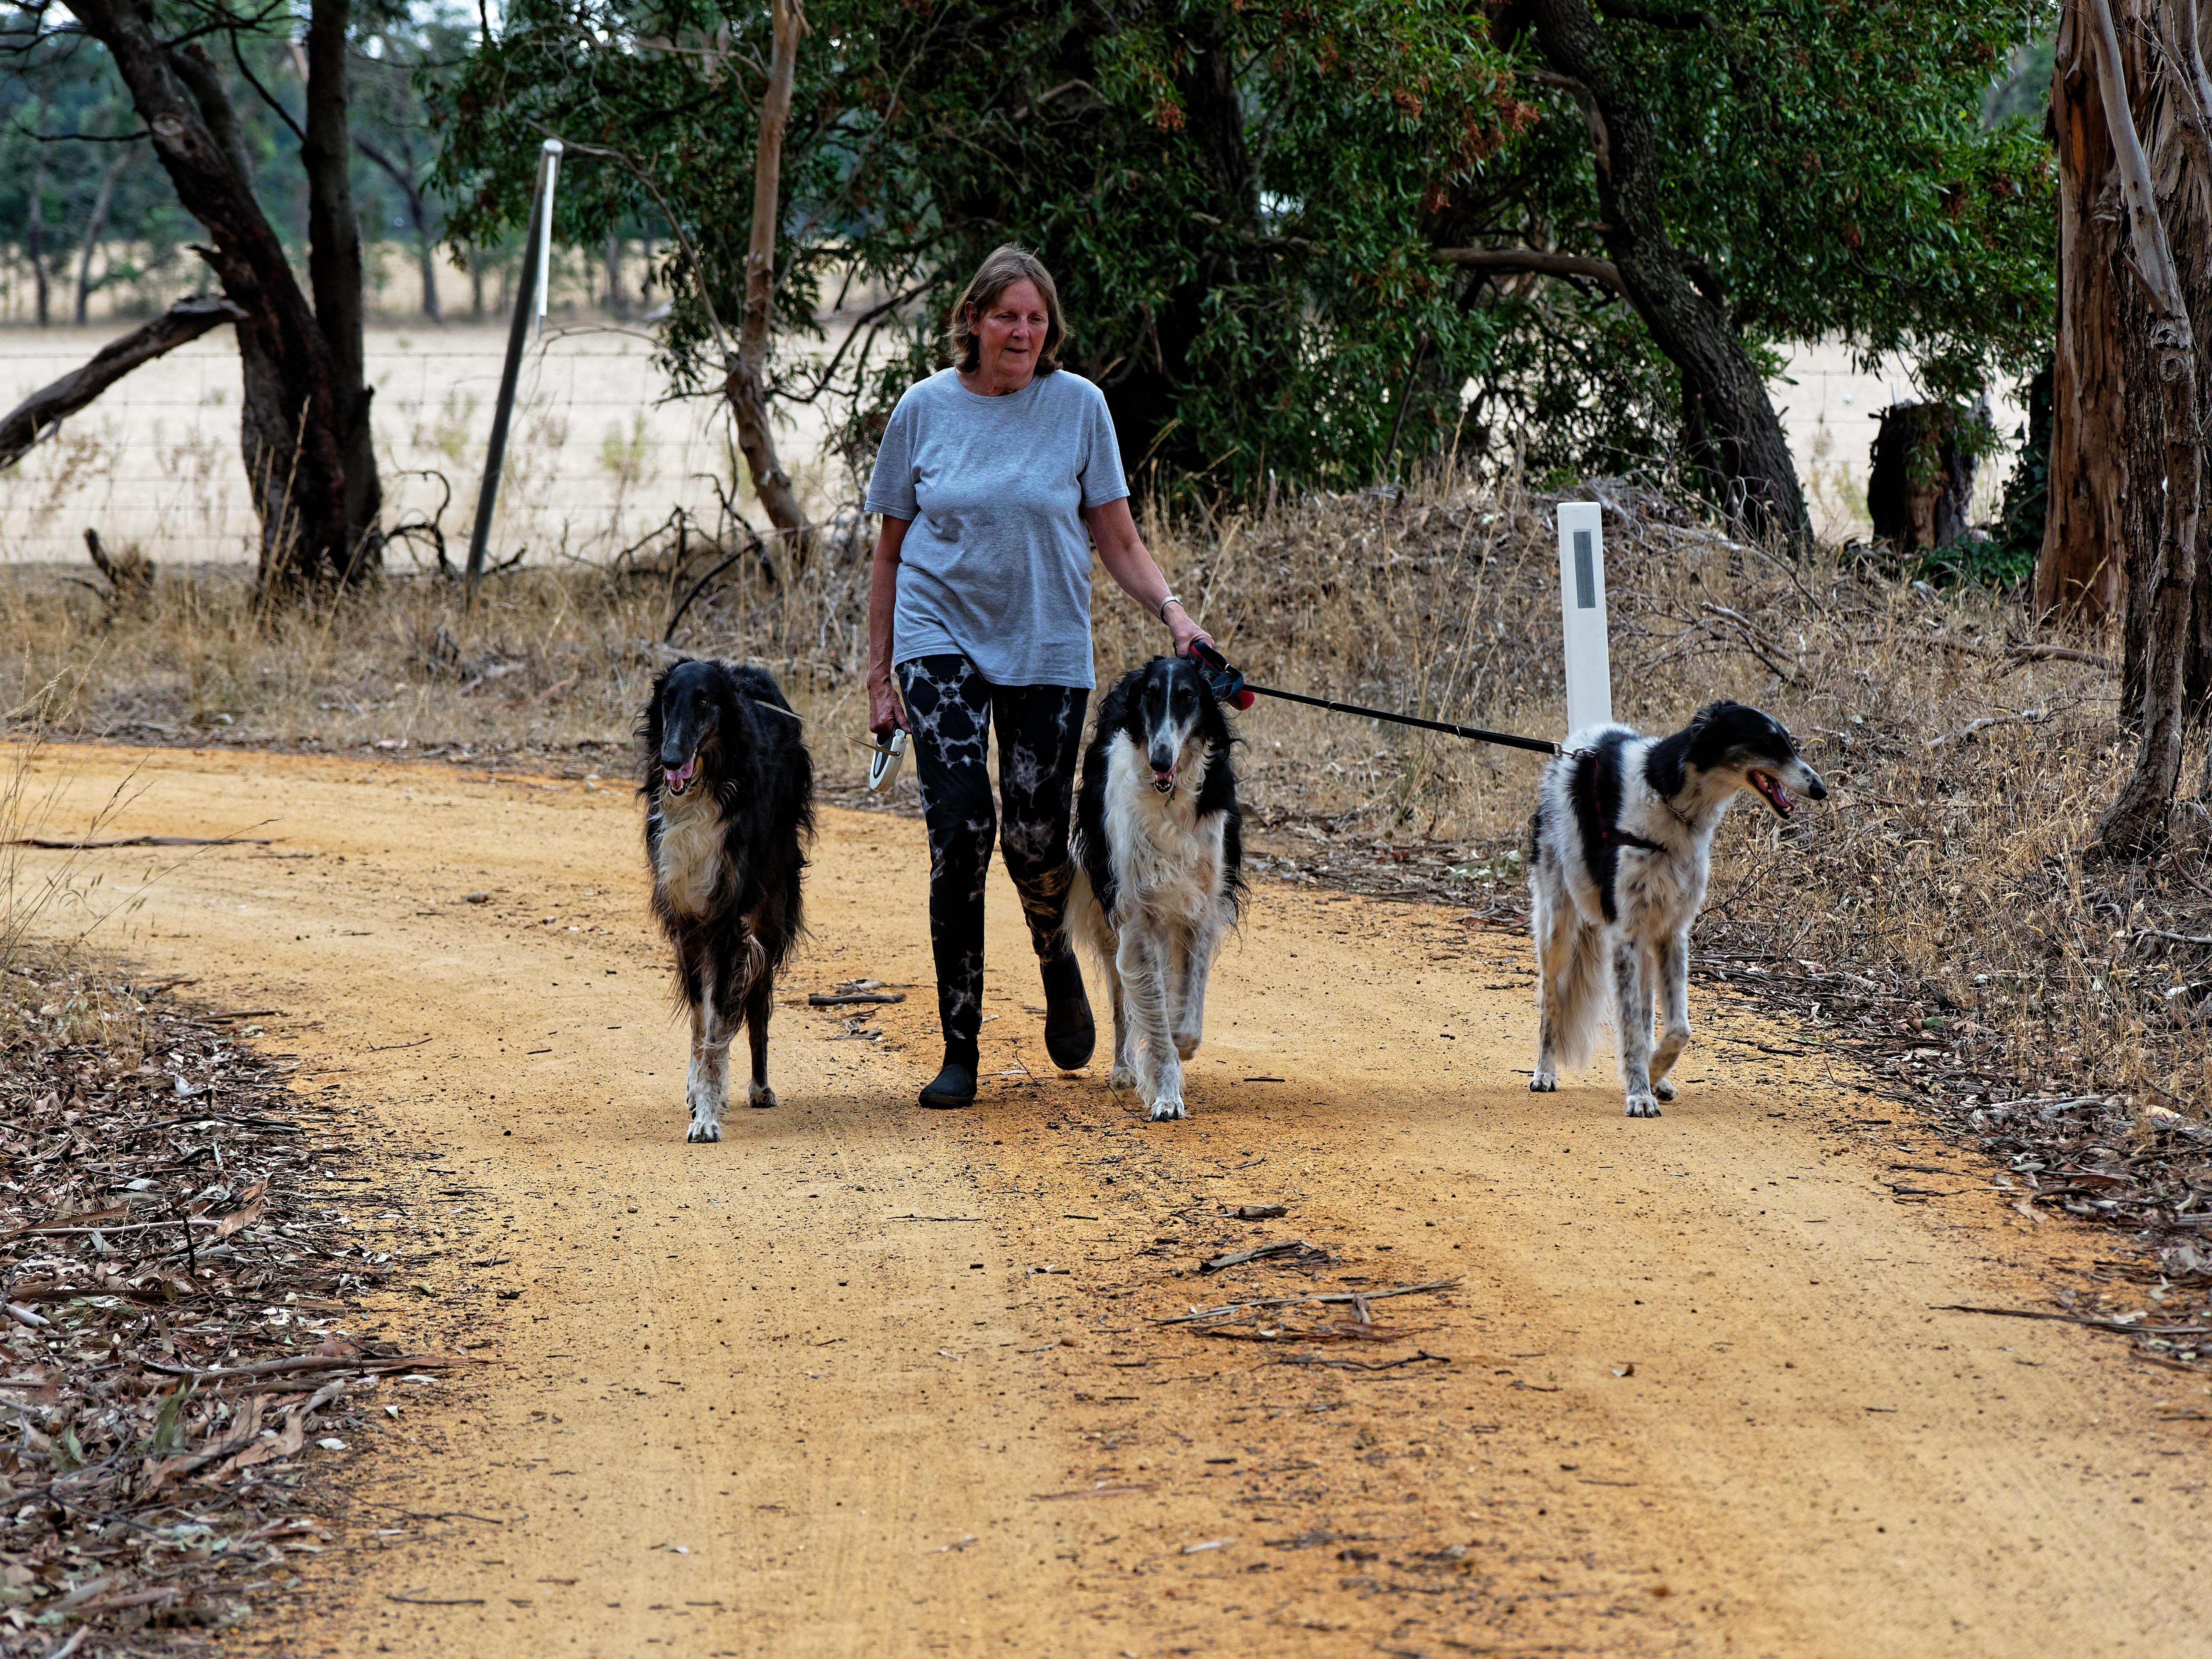 Walking-dogs-36.jpeg